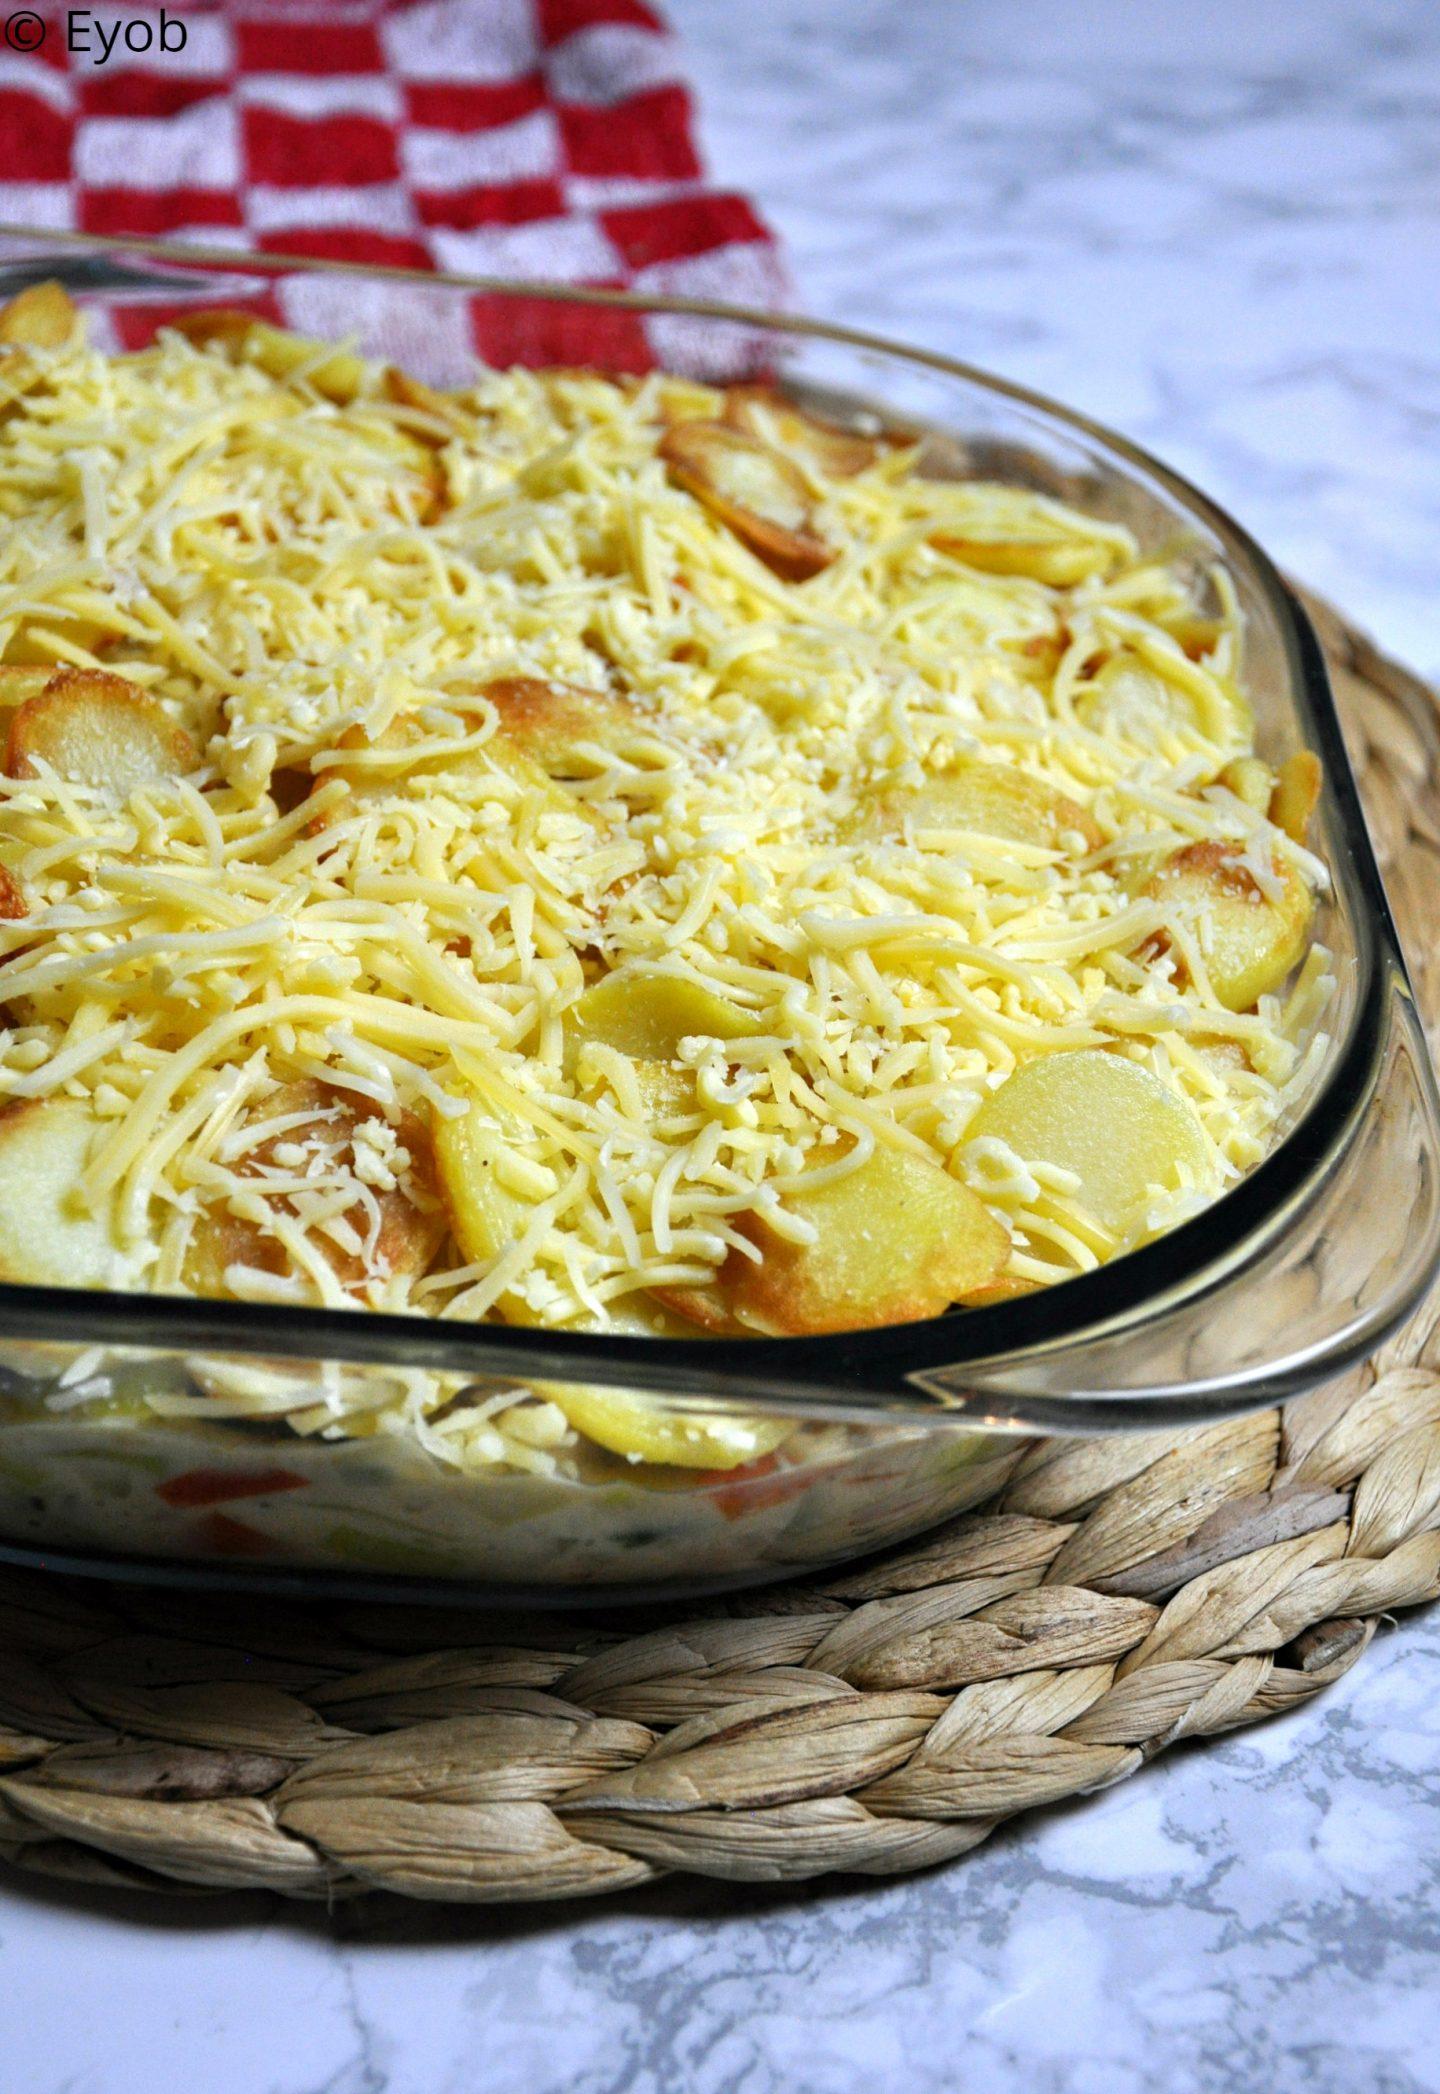 Aardappel anders ovenschotel met sperziebonen